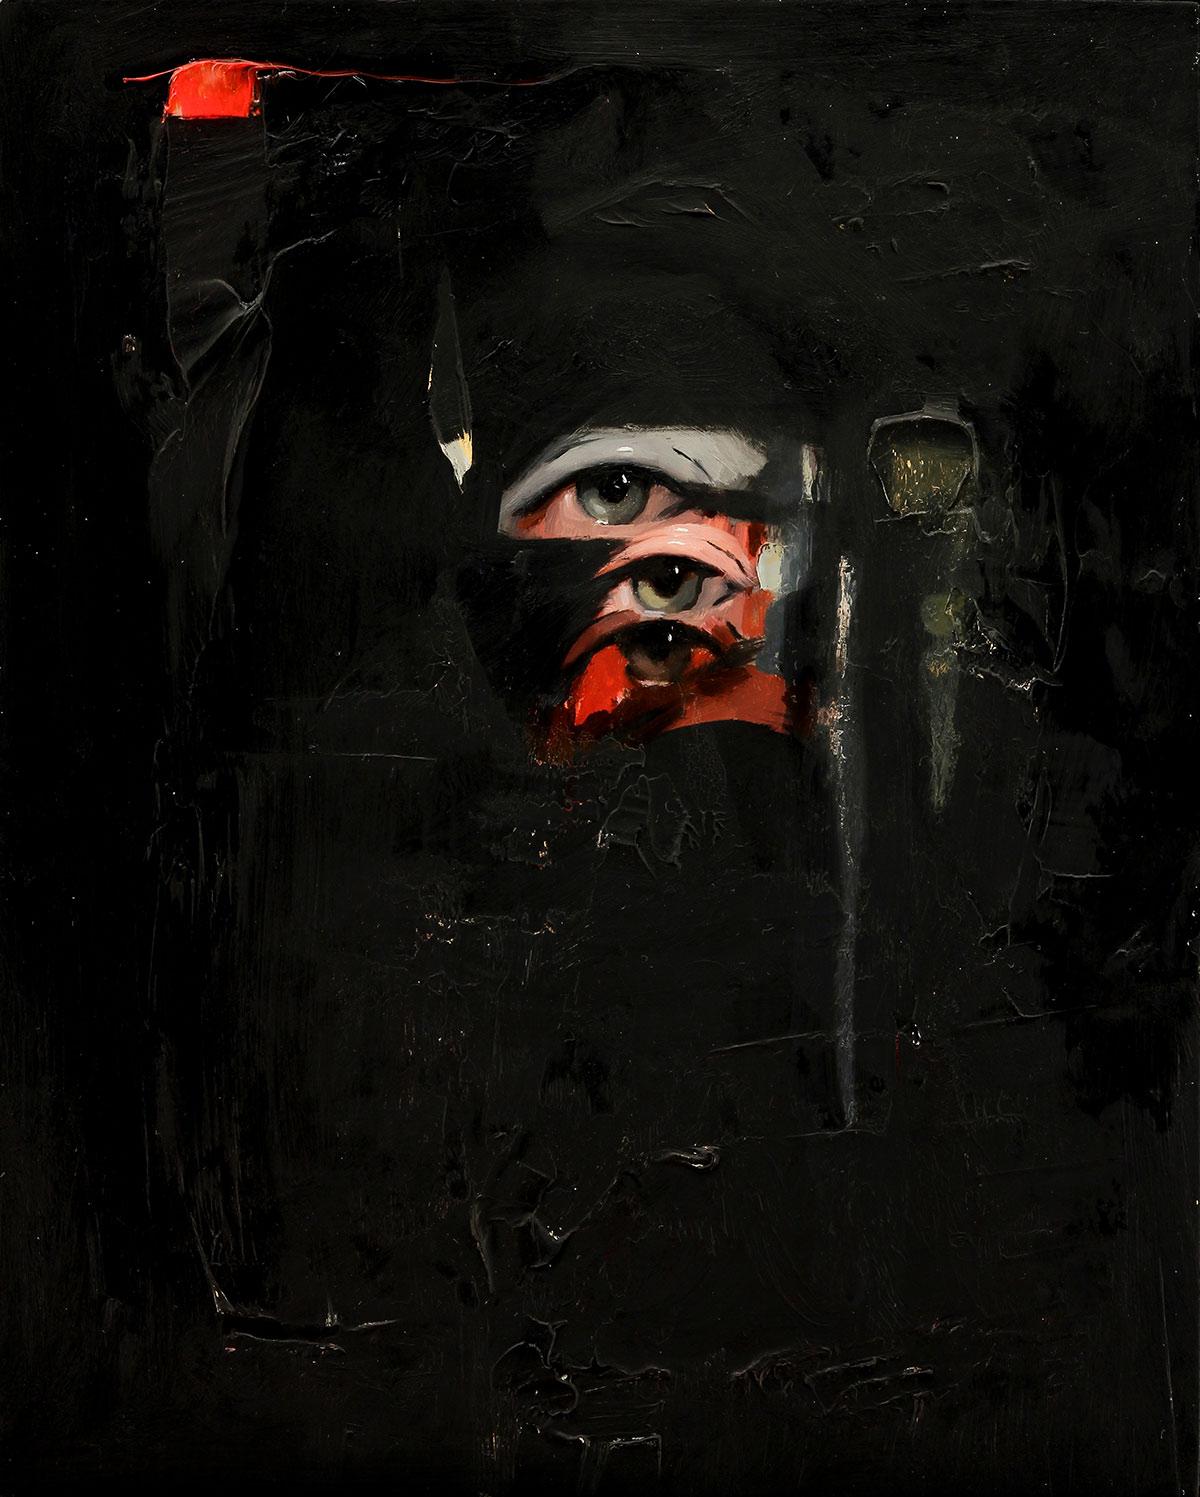 Emilio Villalba, Mirrors, 8x10, oil on Wood, 2017